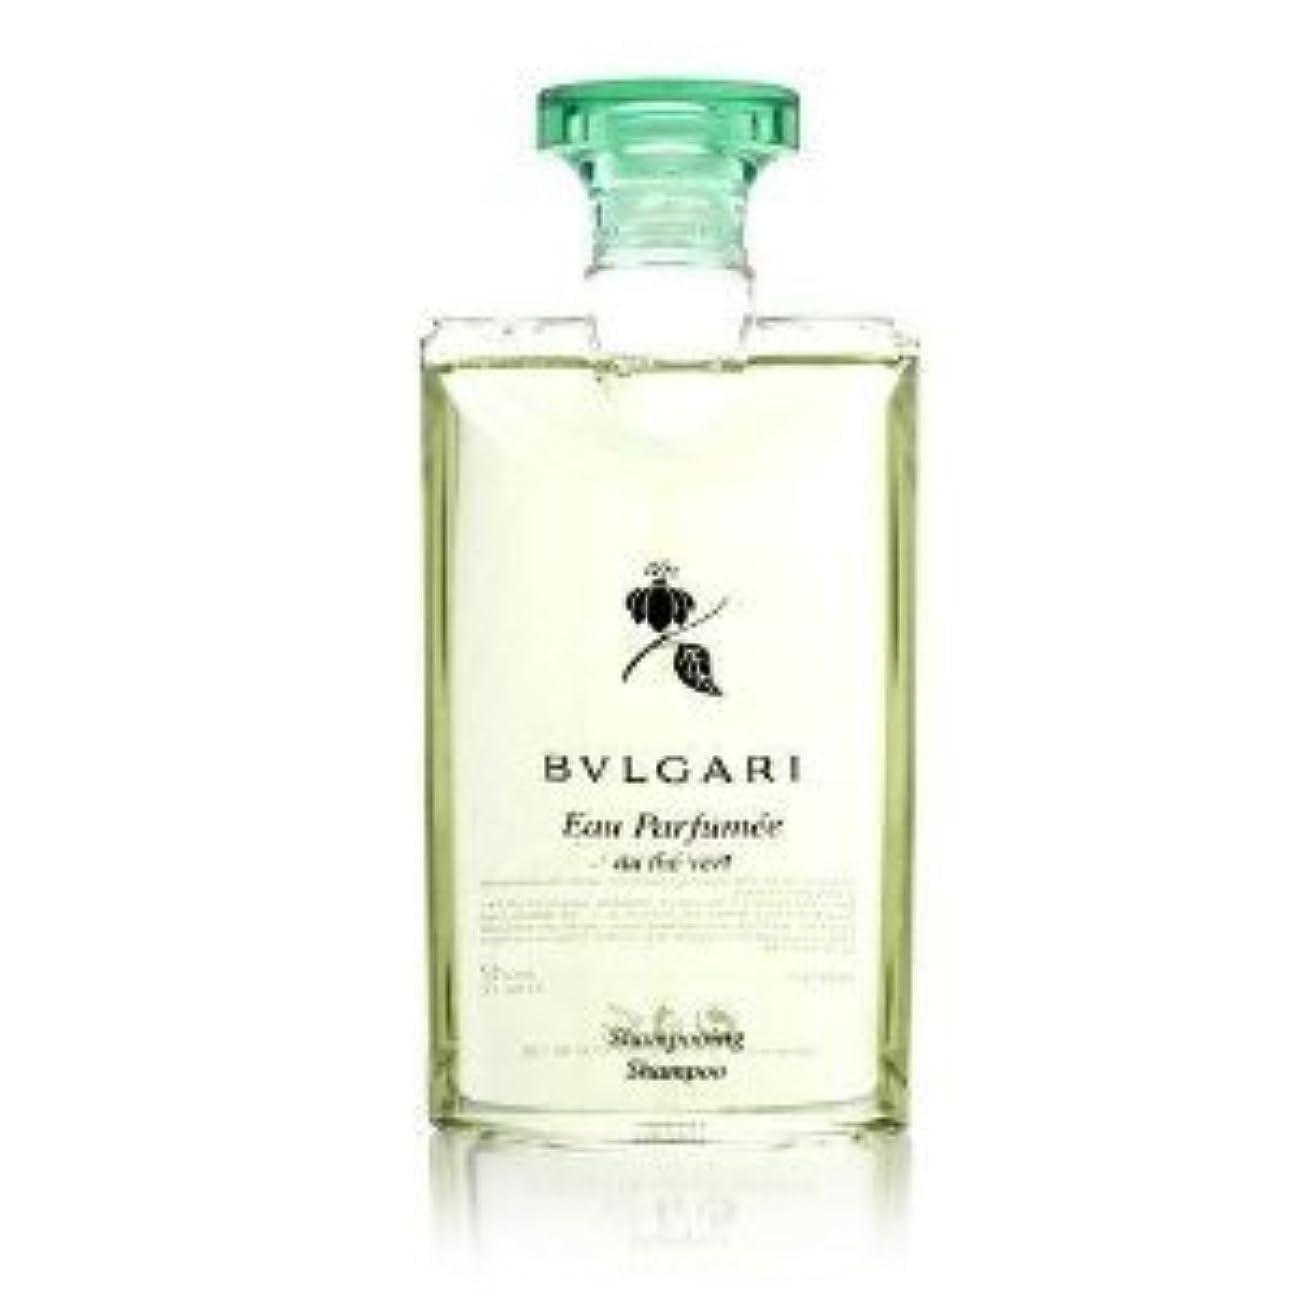 創始者突破口生産性Bvlgari Eau Parfumee au the vert (ブルガリ オー パフュ-メ オウ ザ バート / グリーン ティー) 2.5 oz (75ml) シャンプー